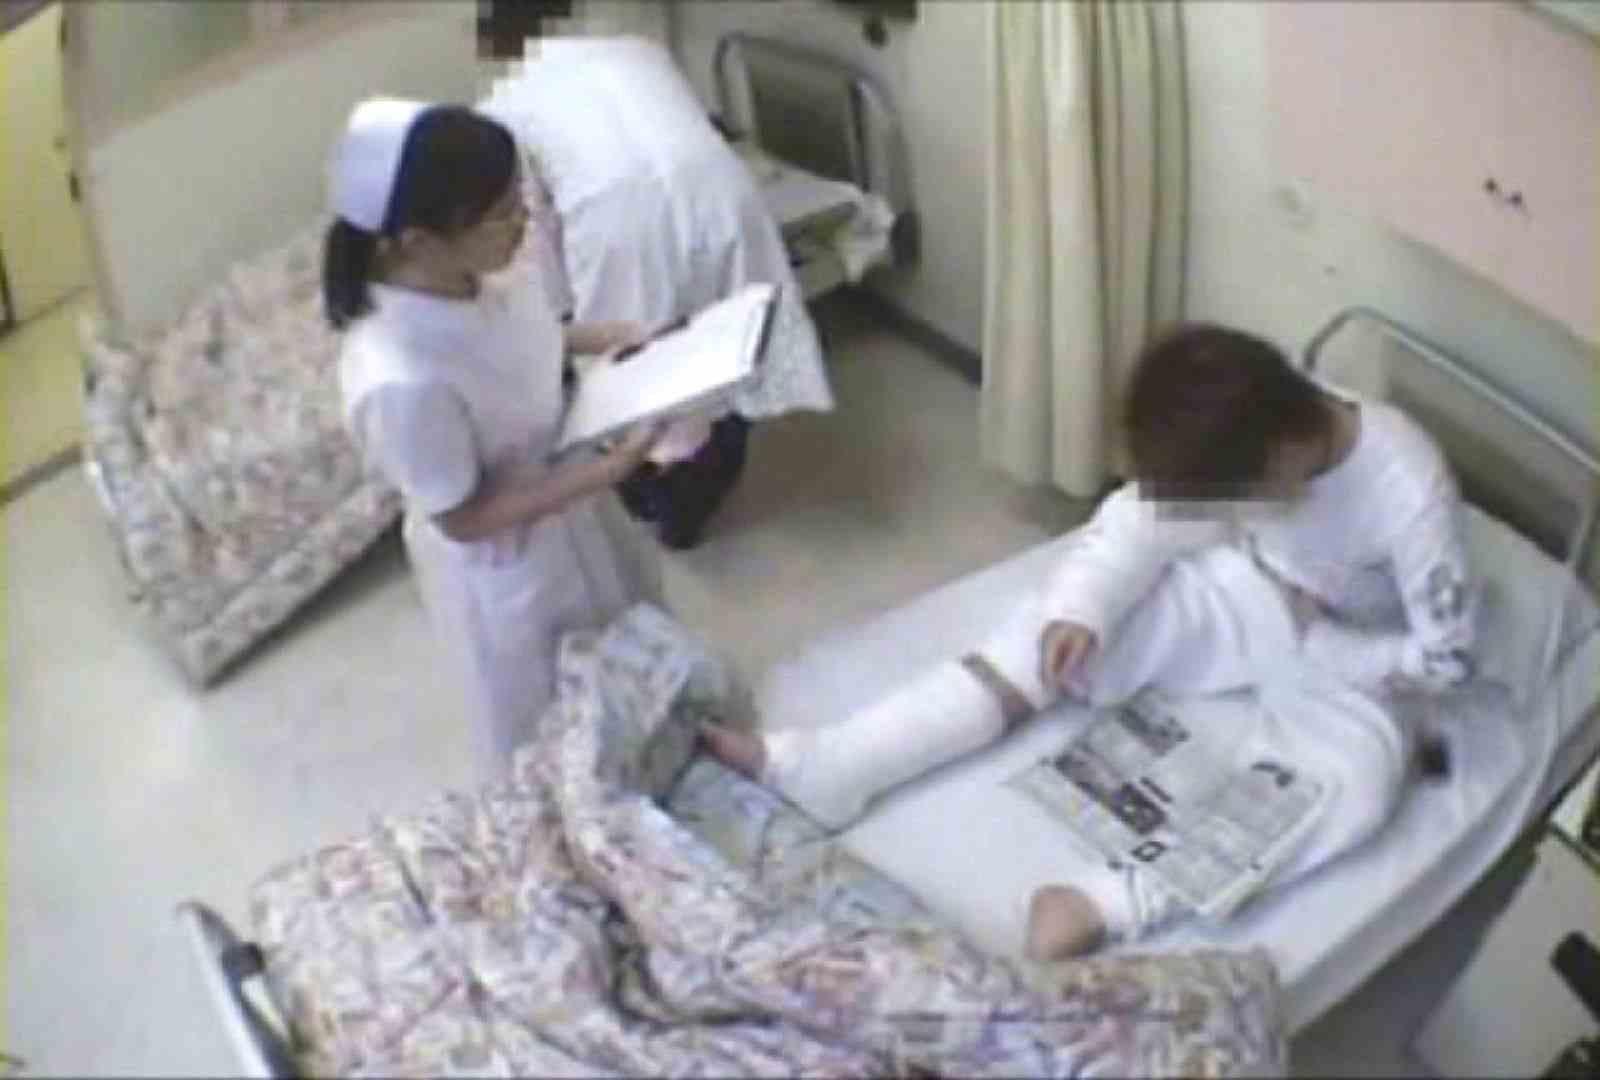 絶対に逝ってはいけない寸止め病棟Vol.6 手マン われめAV動画紹介 99PIX 95